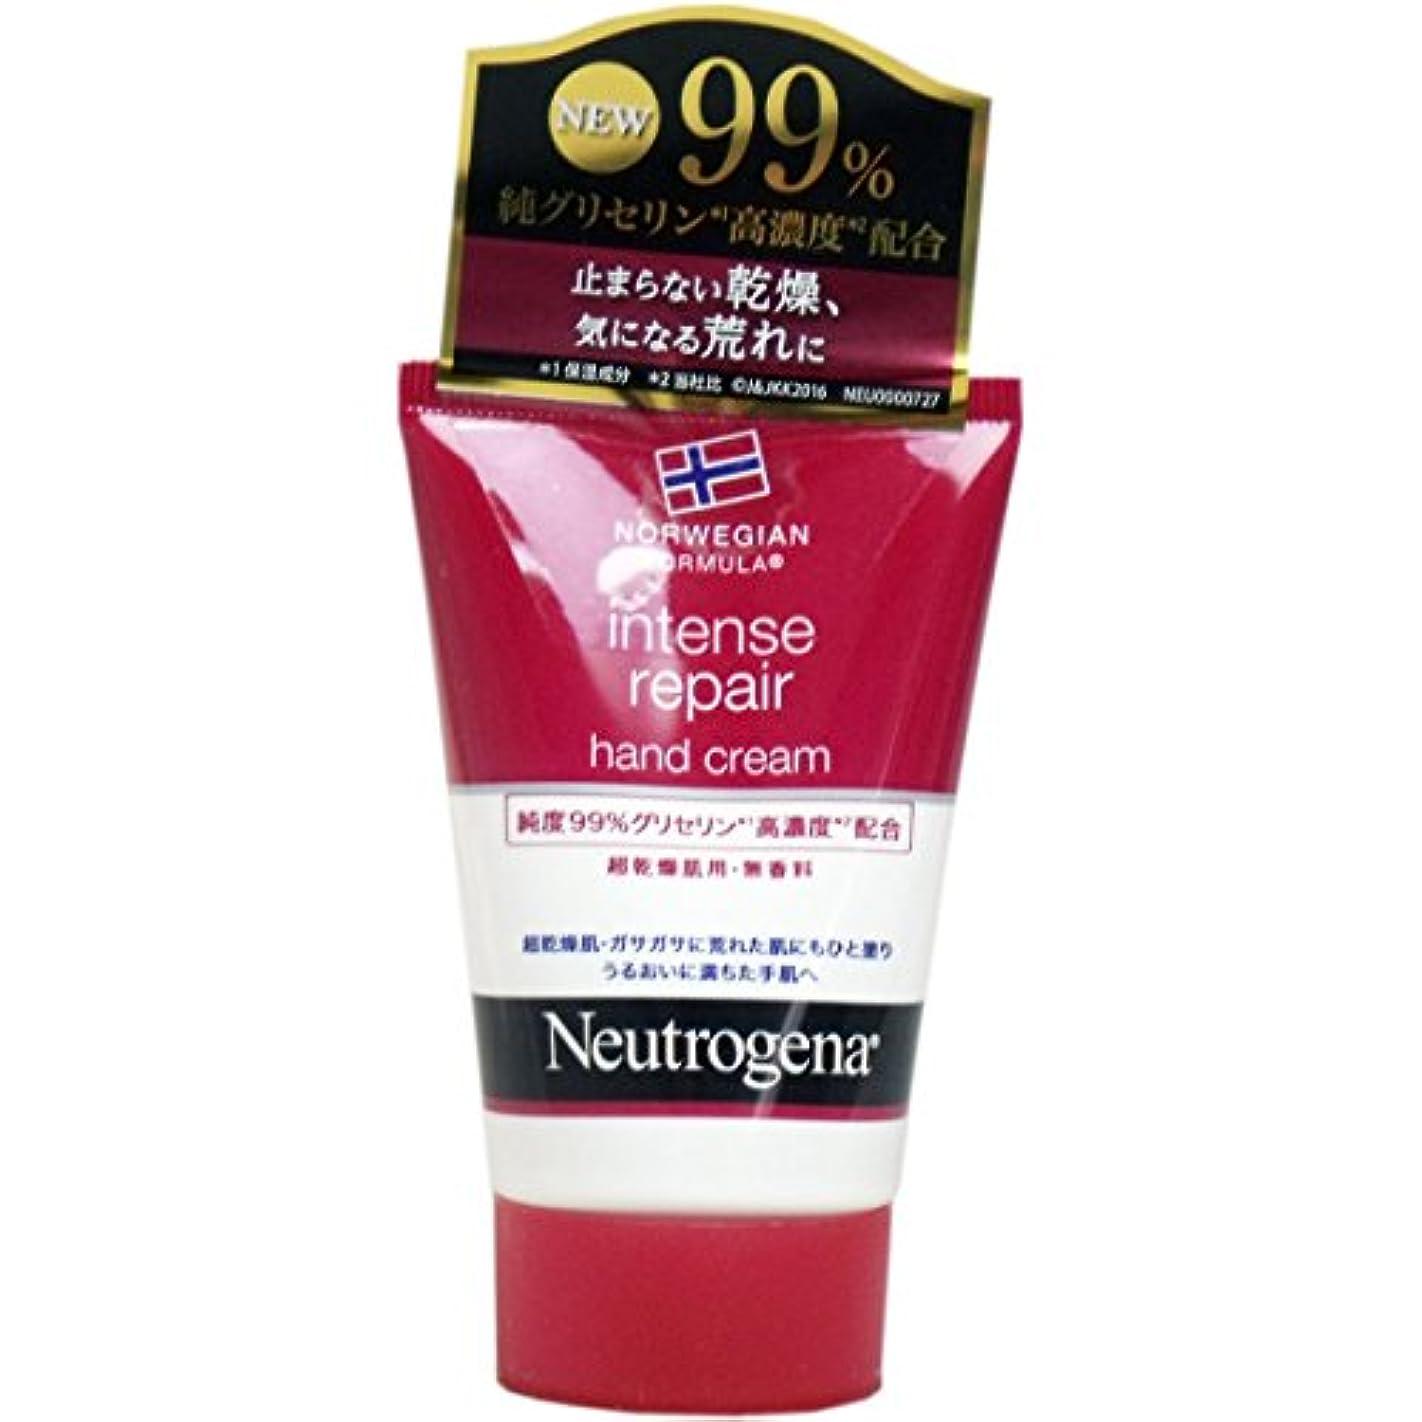 測定可能不均一サイドボード【セット品】Neutrogena(ニュートロジーナ) ノルウェーフォーミュラ インテンスリペア ハンドクリーム 超乾燥肌用 無香料 50g×6個